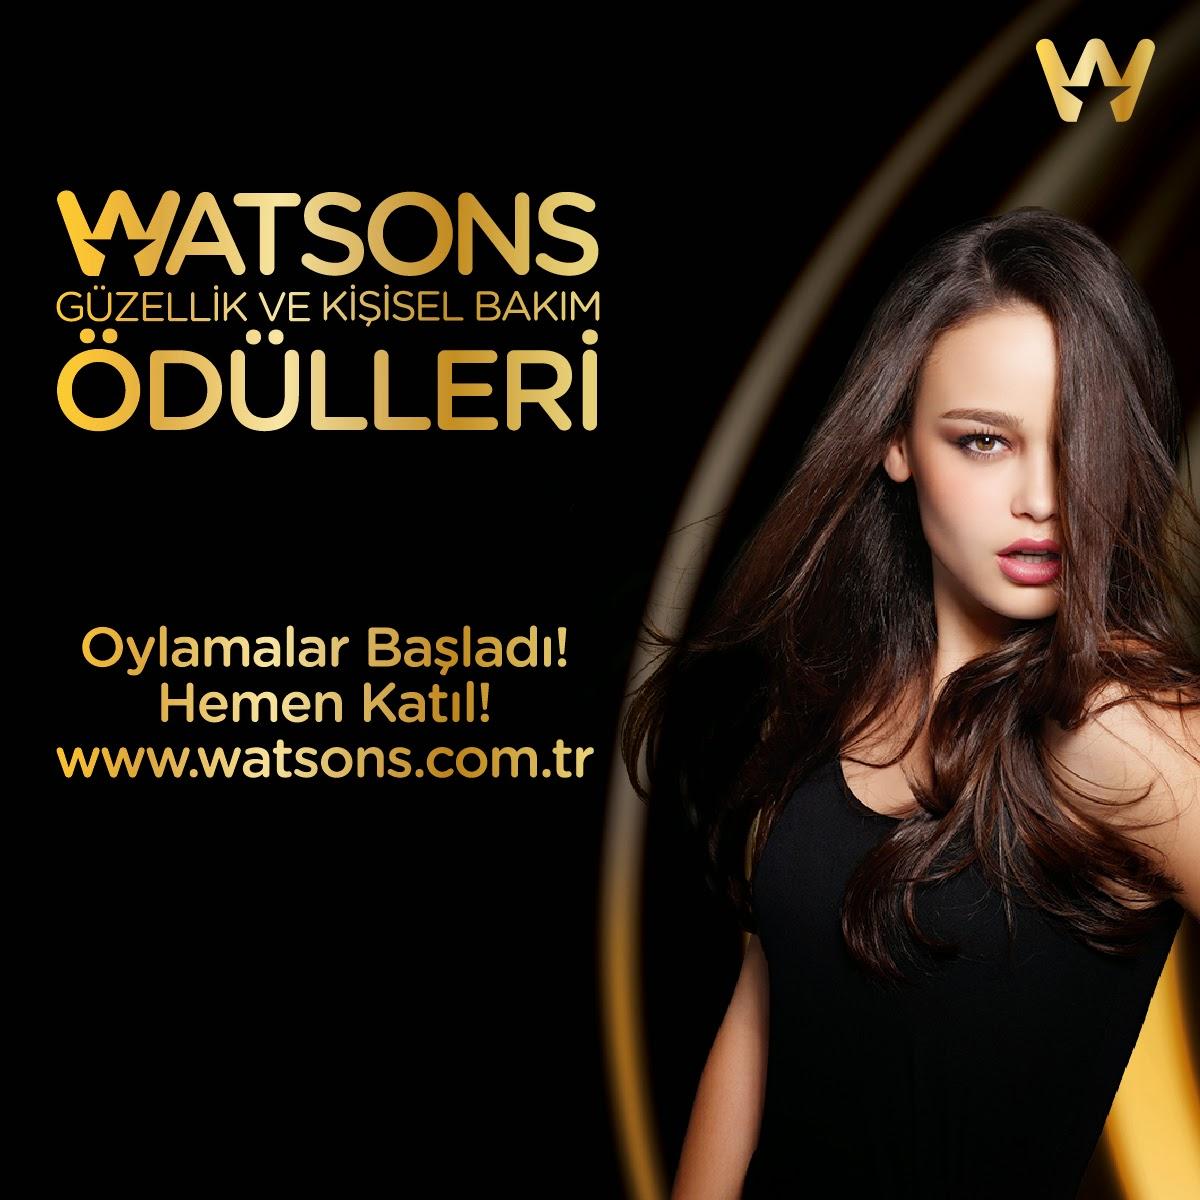 Watsons Ödülleri